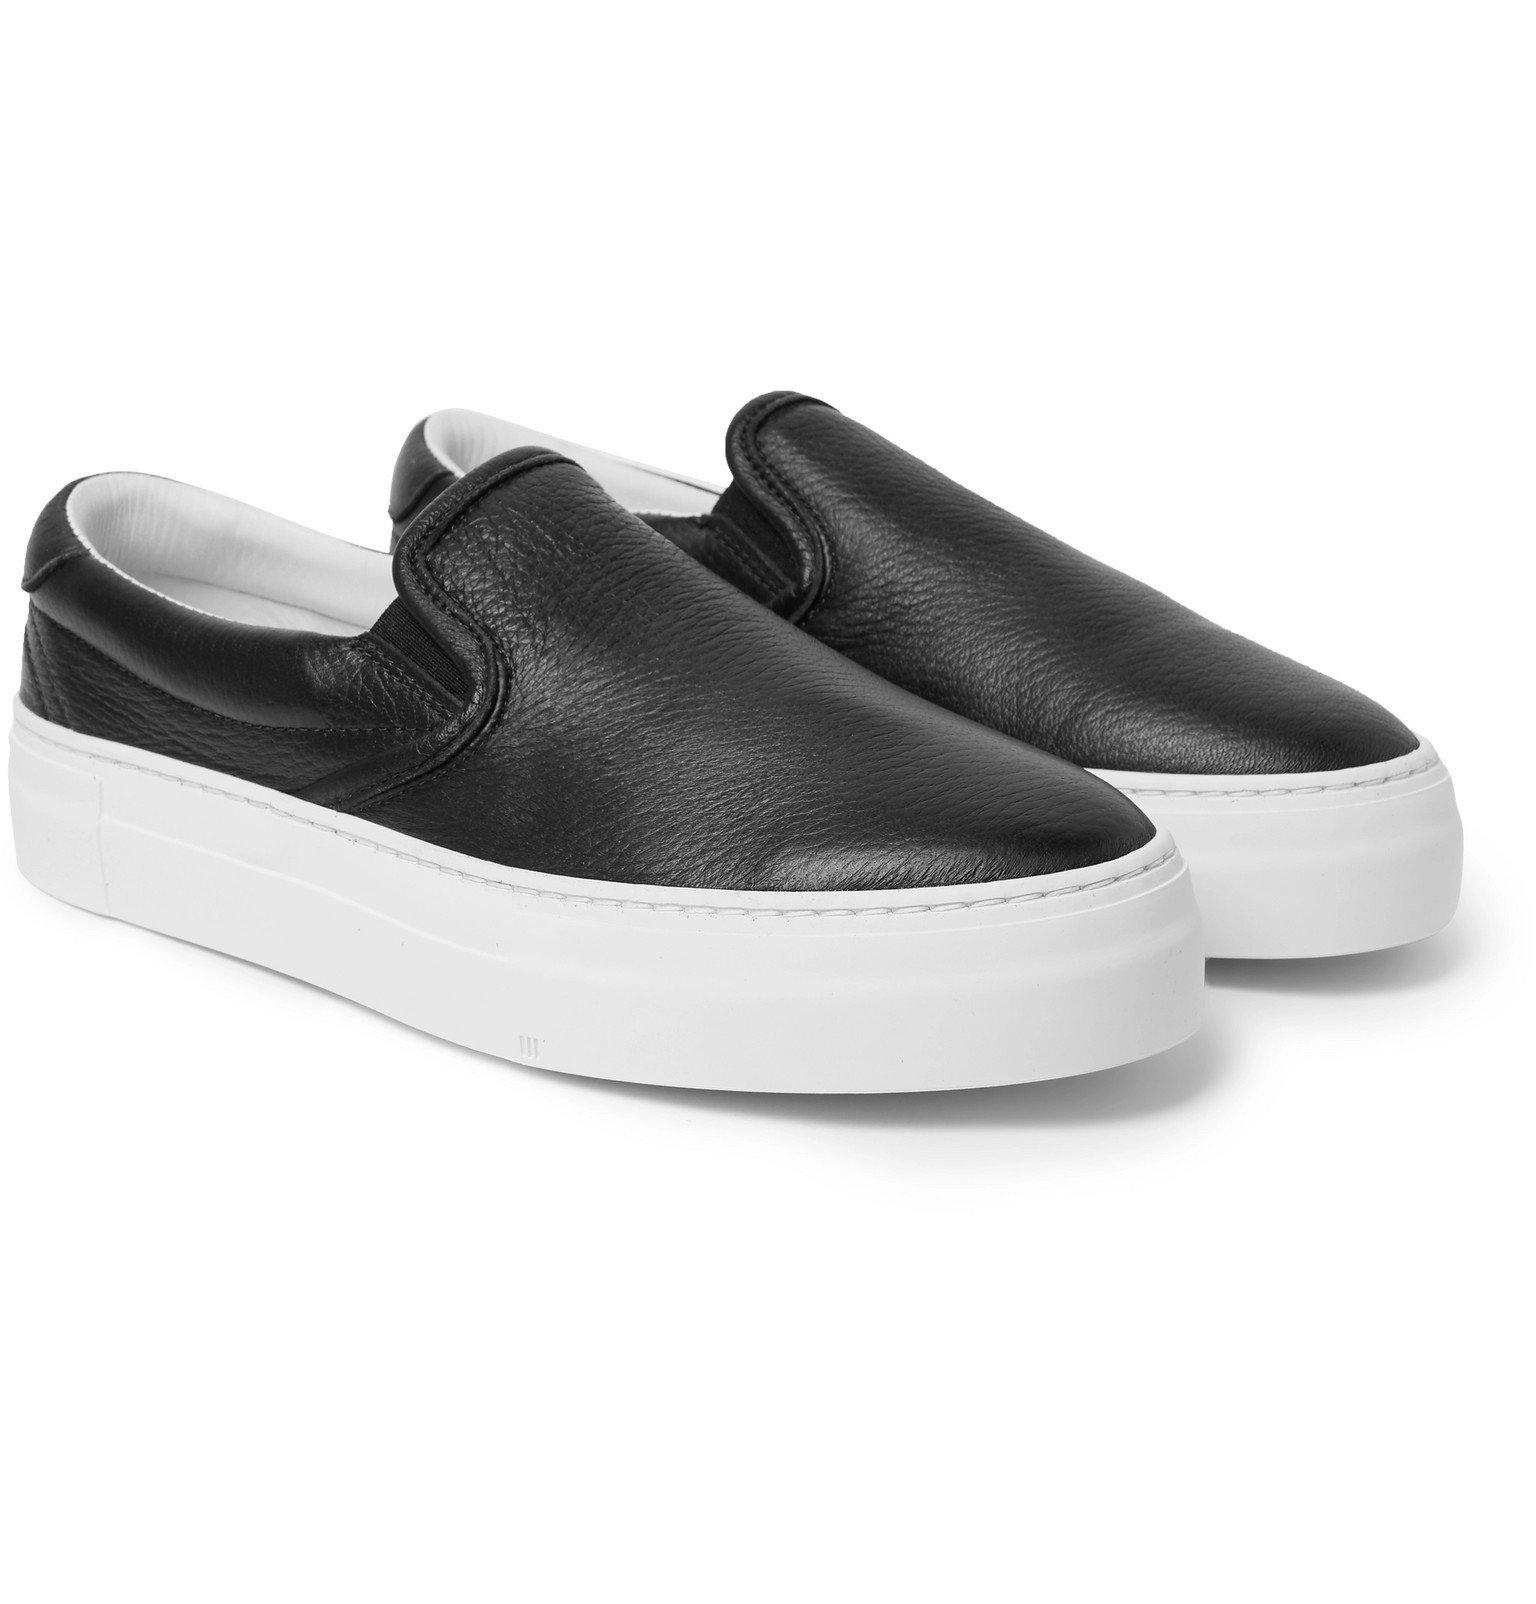 Photo: Diemme - Garda Full-Grain Leather Slip-On Sneakers - Black